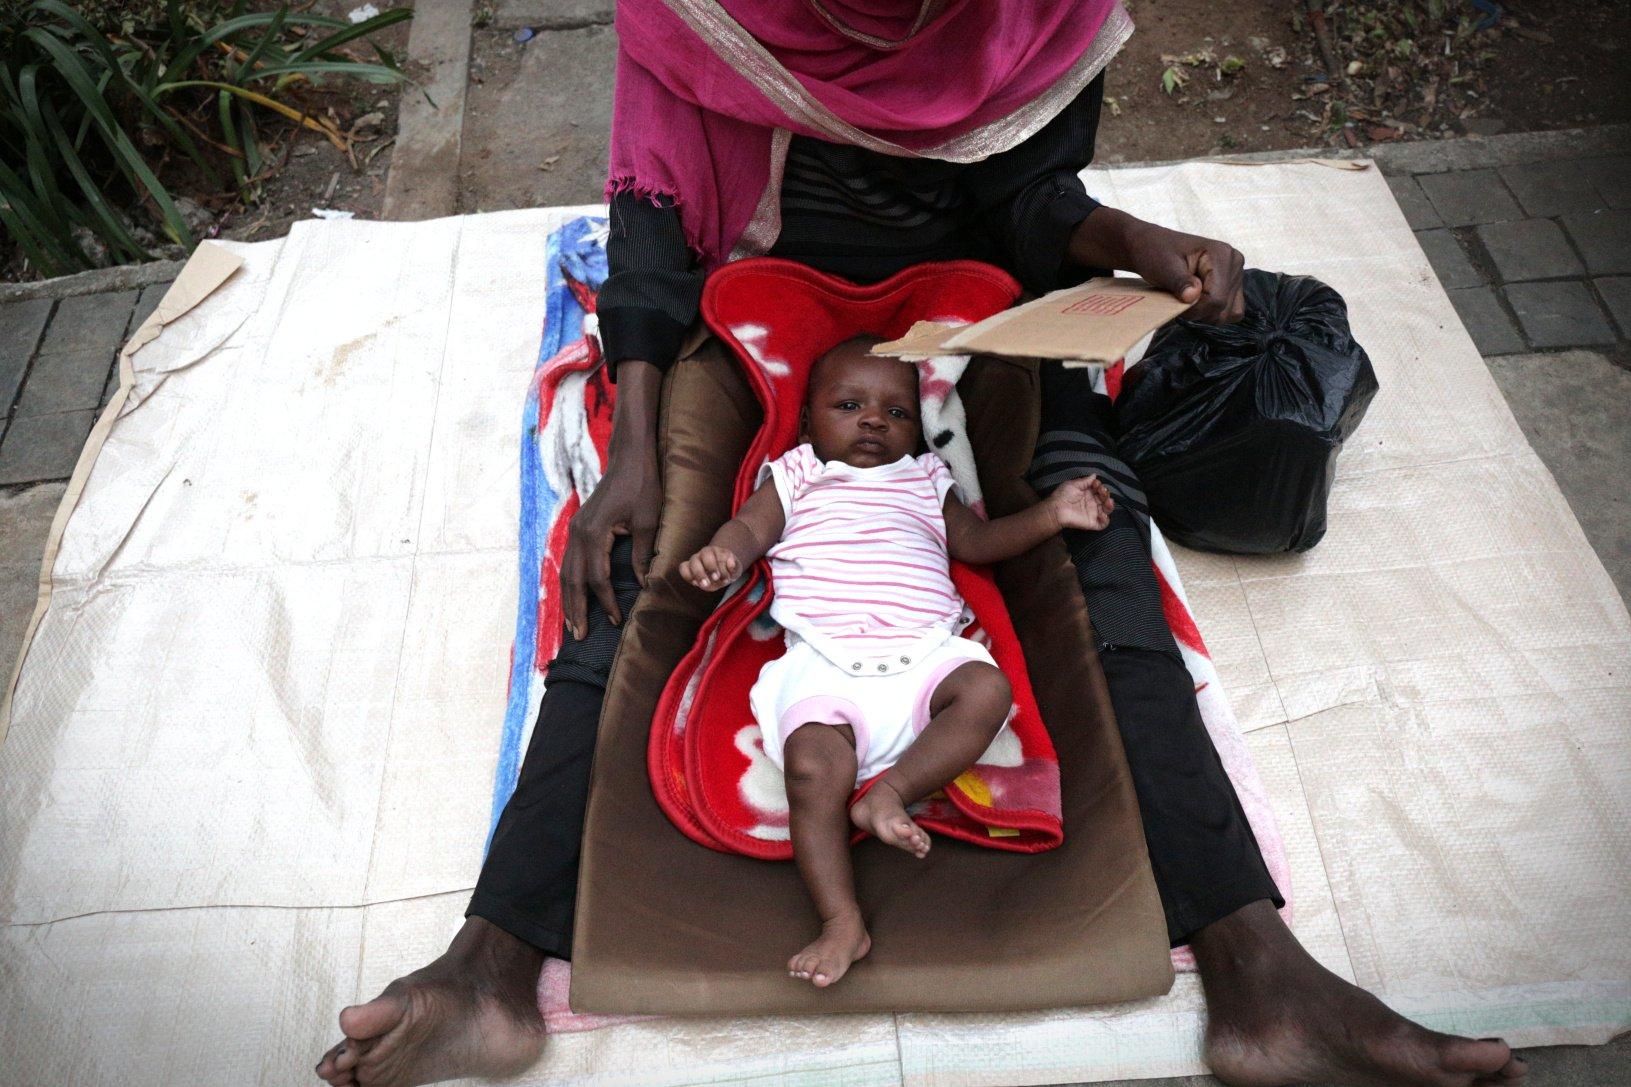 Pencari suaka atau pengungsi yang berasal dari Somalia, Sudan, Yaman, dan Afganistan itu membangun tenda-tenda dan meminta tempat tinggal serta suplai makanan di Kantor Badan PBB Untuk Pengungsi (UNHCR).